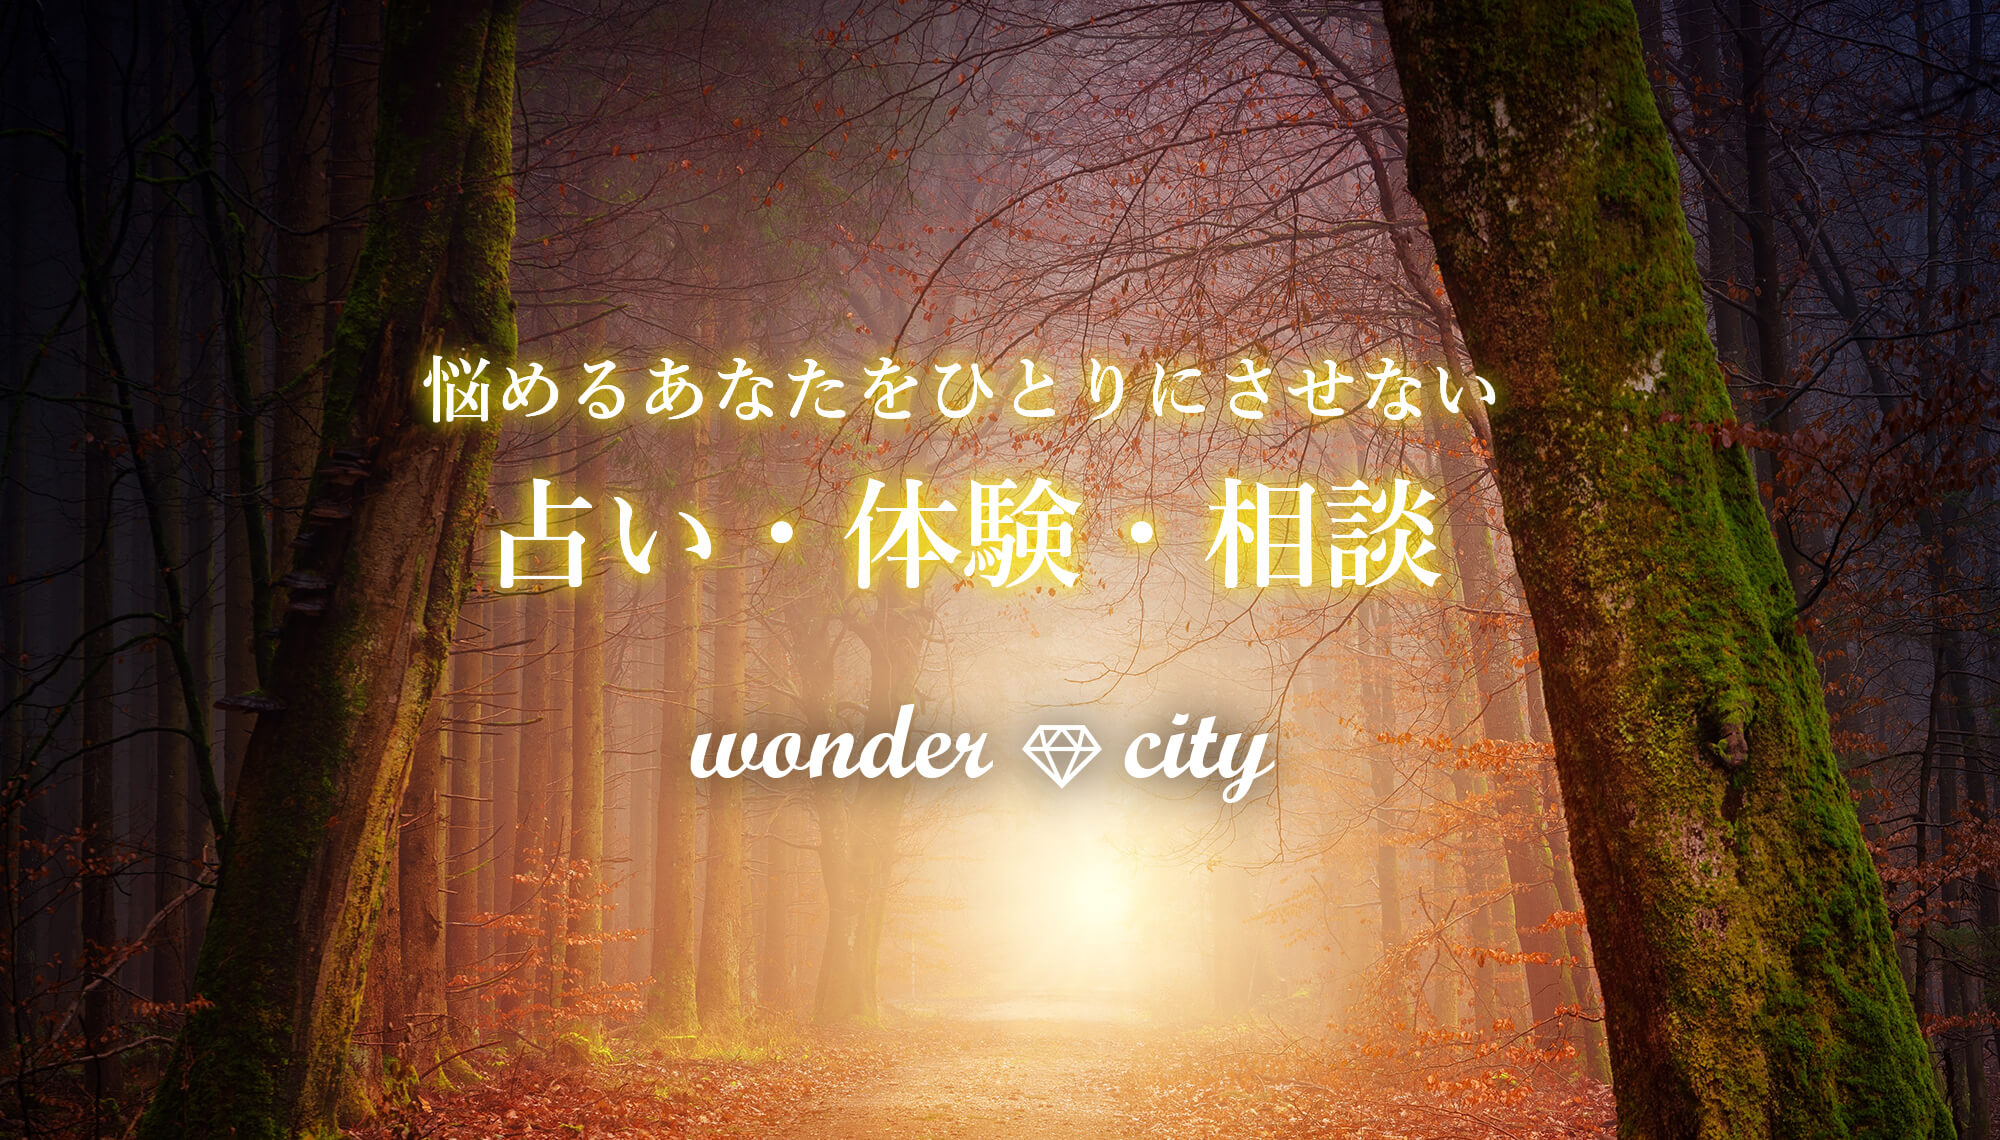 悩めるあなたをひとりにさせない 占い・体験・相談 wonder city